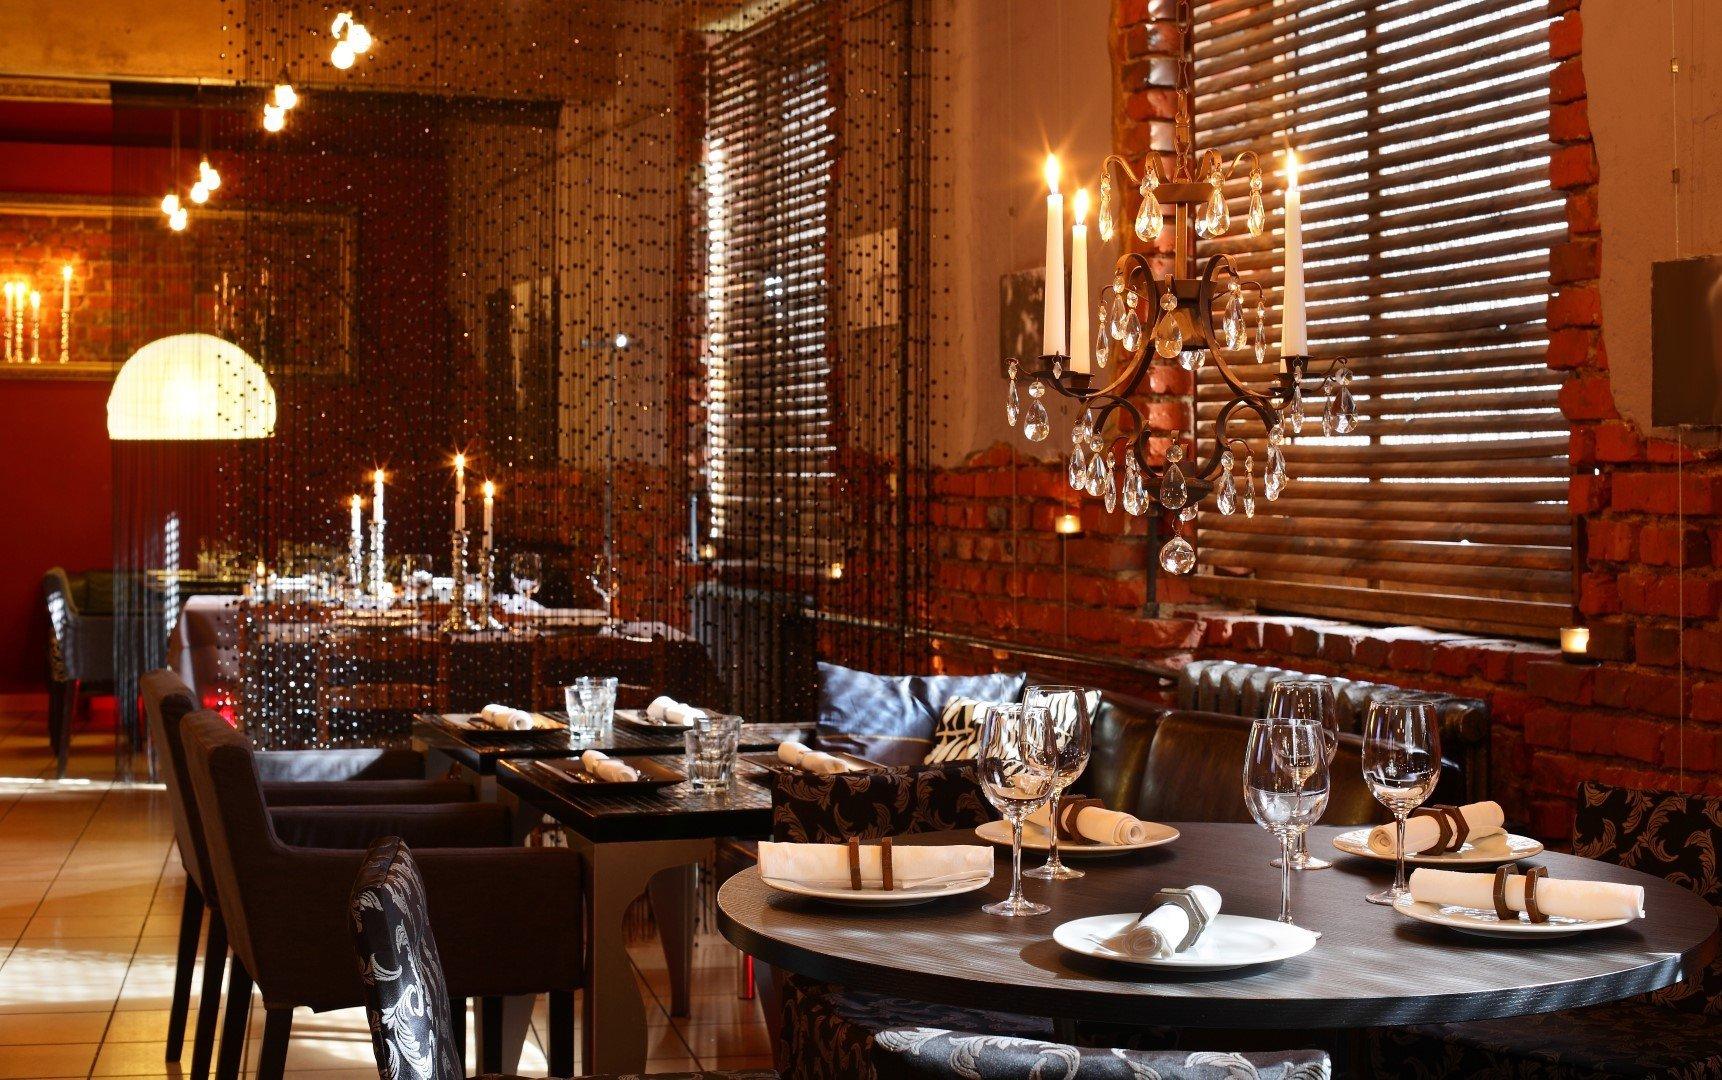 Arredamento ristoranti genova abac arredamenti for Arredamenti genova